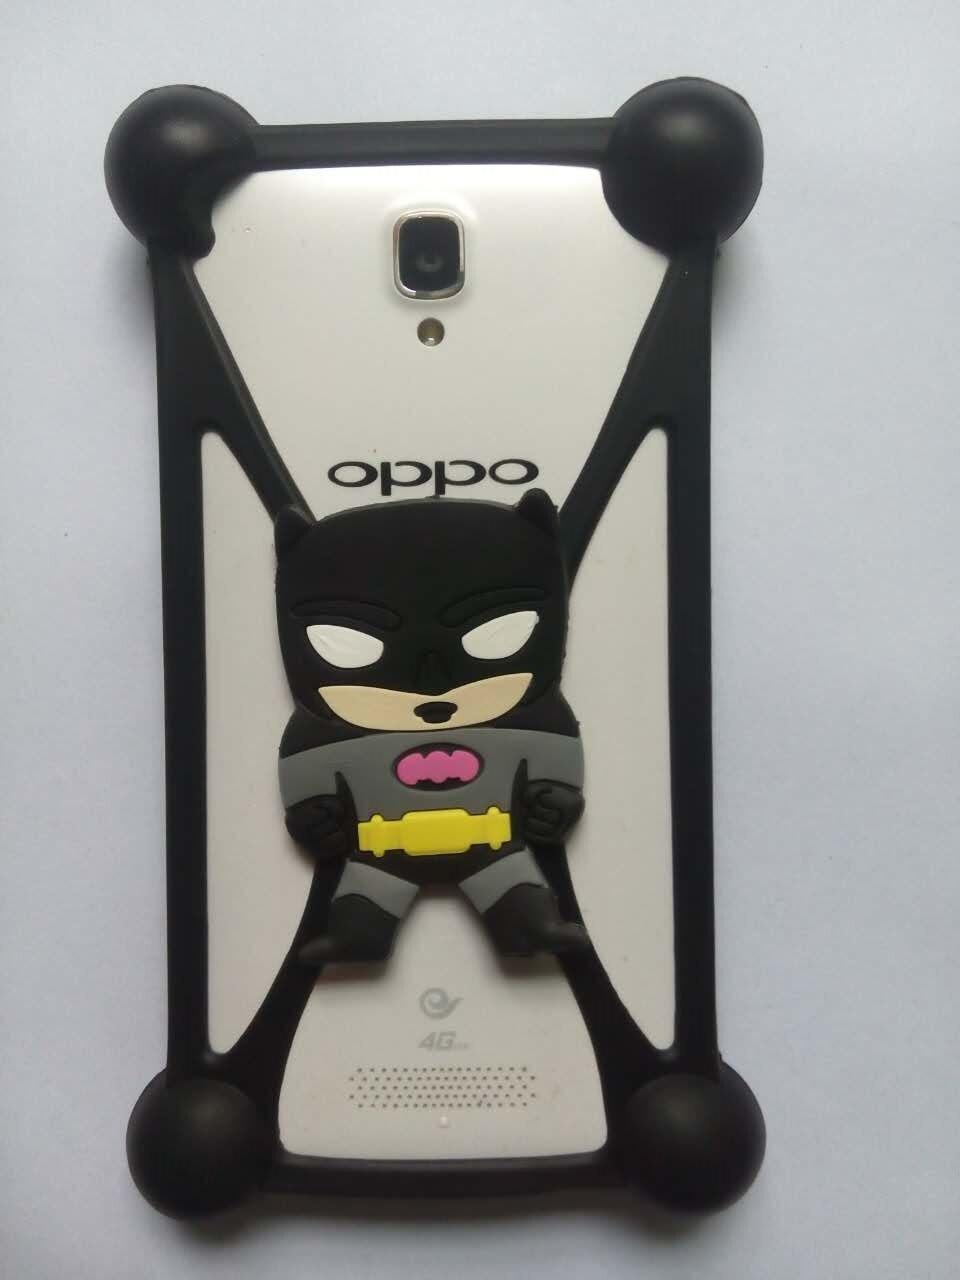 Phone Bags & Cases Flip Case For Prestigio Muze A3 C3 A5 Shell Cover For Prestigio Grace Q5 Shell For Prestigio Wize D3 K3 N3 F3 Fashion Leather